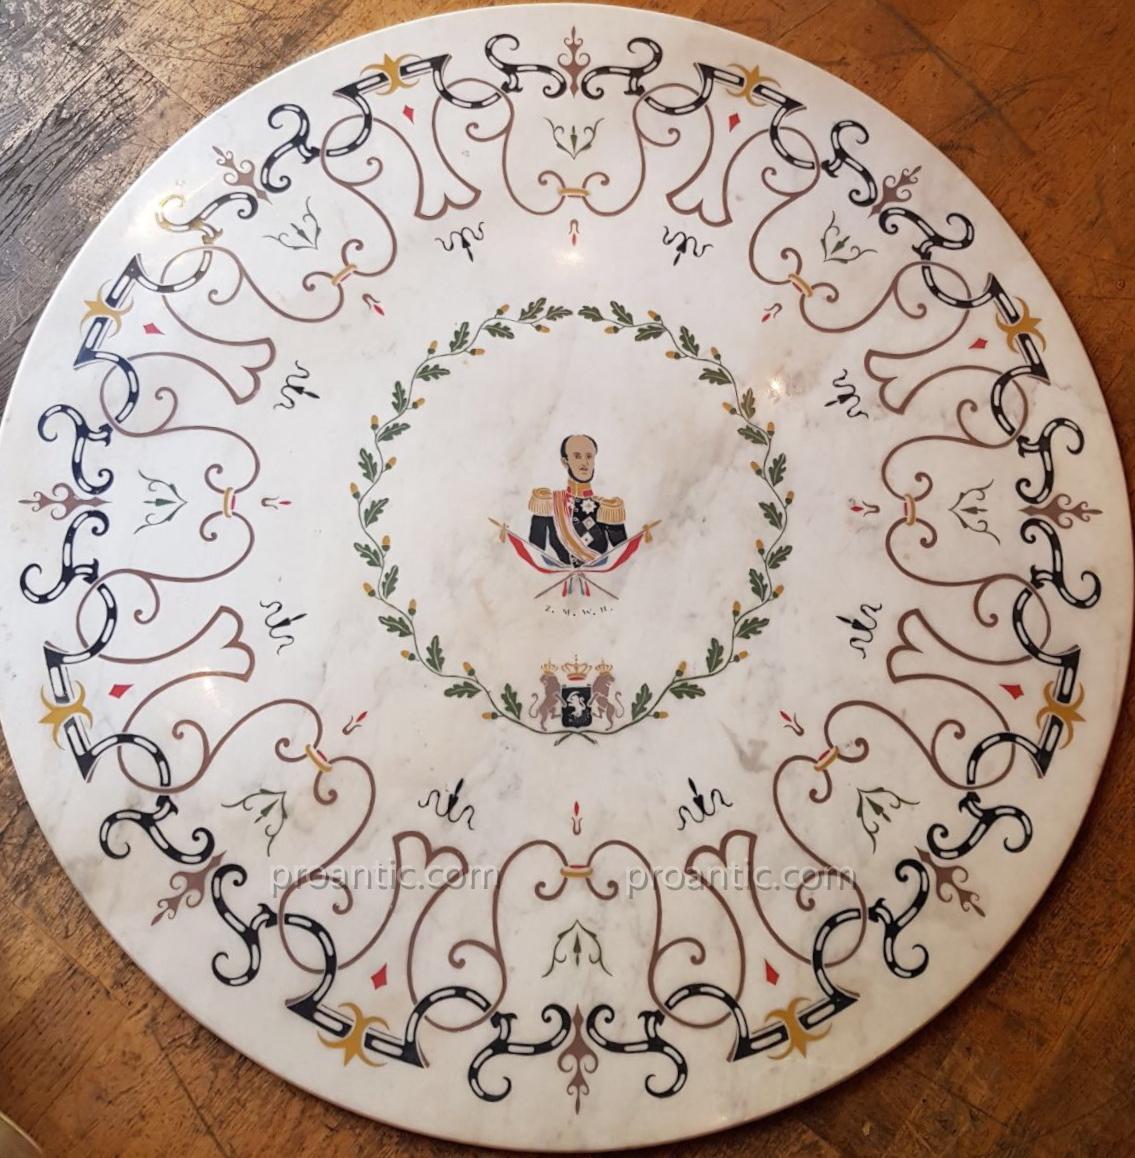 Scagliola - Guillaume II de Hesse-cassel (1777-1847)